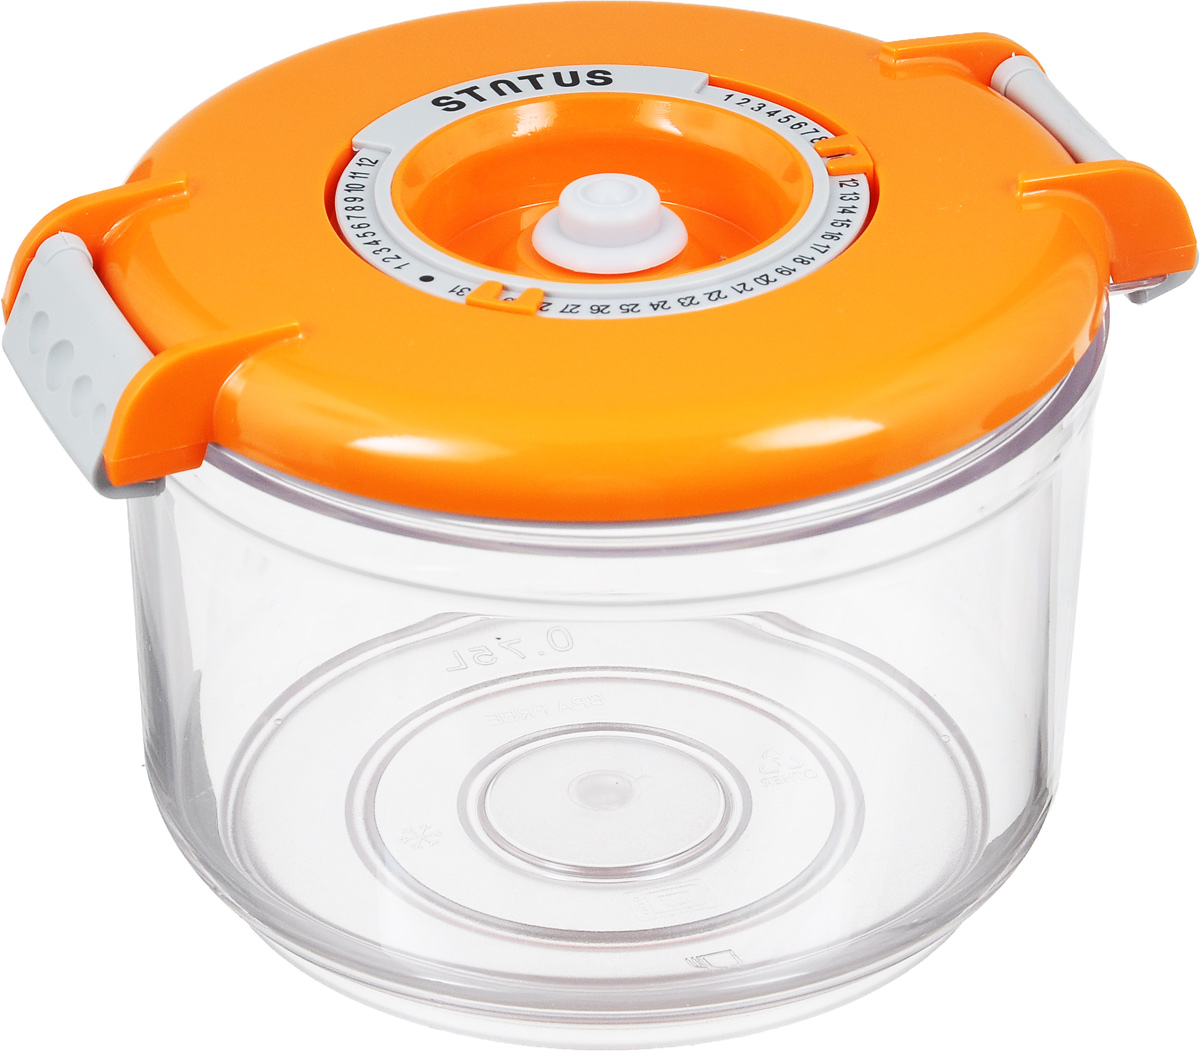 Контейнер вакуумный Status, с индикатором даты срока хранения, 0,75 лVAC-RD-075 OrangeВакуумный контейнер Status выполнен из хрустально-прозрачного прочного тритана. Благодаря вакууму, продукты не подвергаются внешнему воздействию, и срок хранения значительно увеличивается, сохраняют свои вкусовые качества и аромат, а запахи в холодильнике не перемешиваются. Допускается замораживание до -21°C, мойка контейнера в посудомоечной машине, разогрев в СВЧ (без крышки). Рекомендовано хранение следующих продуктов: макаронные изделия, крупа, мука, кофе в зёрнах, сухофрукты, супы, соусы. Контейнер имеет индикатор даты, который позволяет отмечать дату конца срока годности продуктов.Размер контейнера (с учетом крышки): 13 х 13 х 10 см.